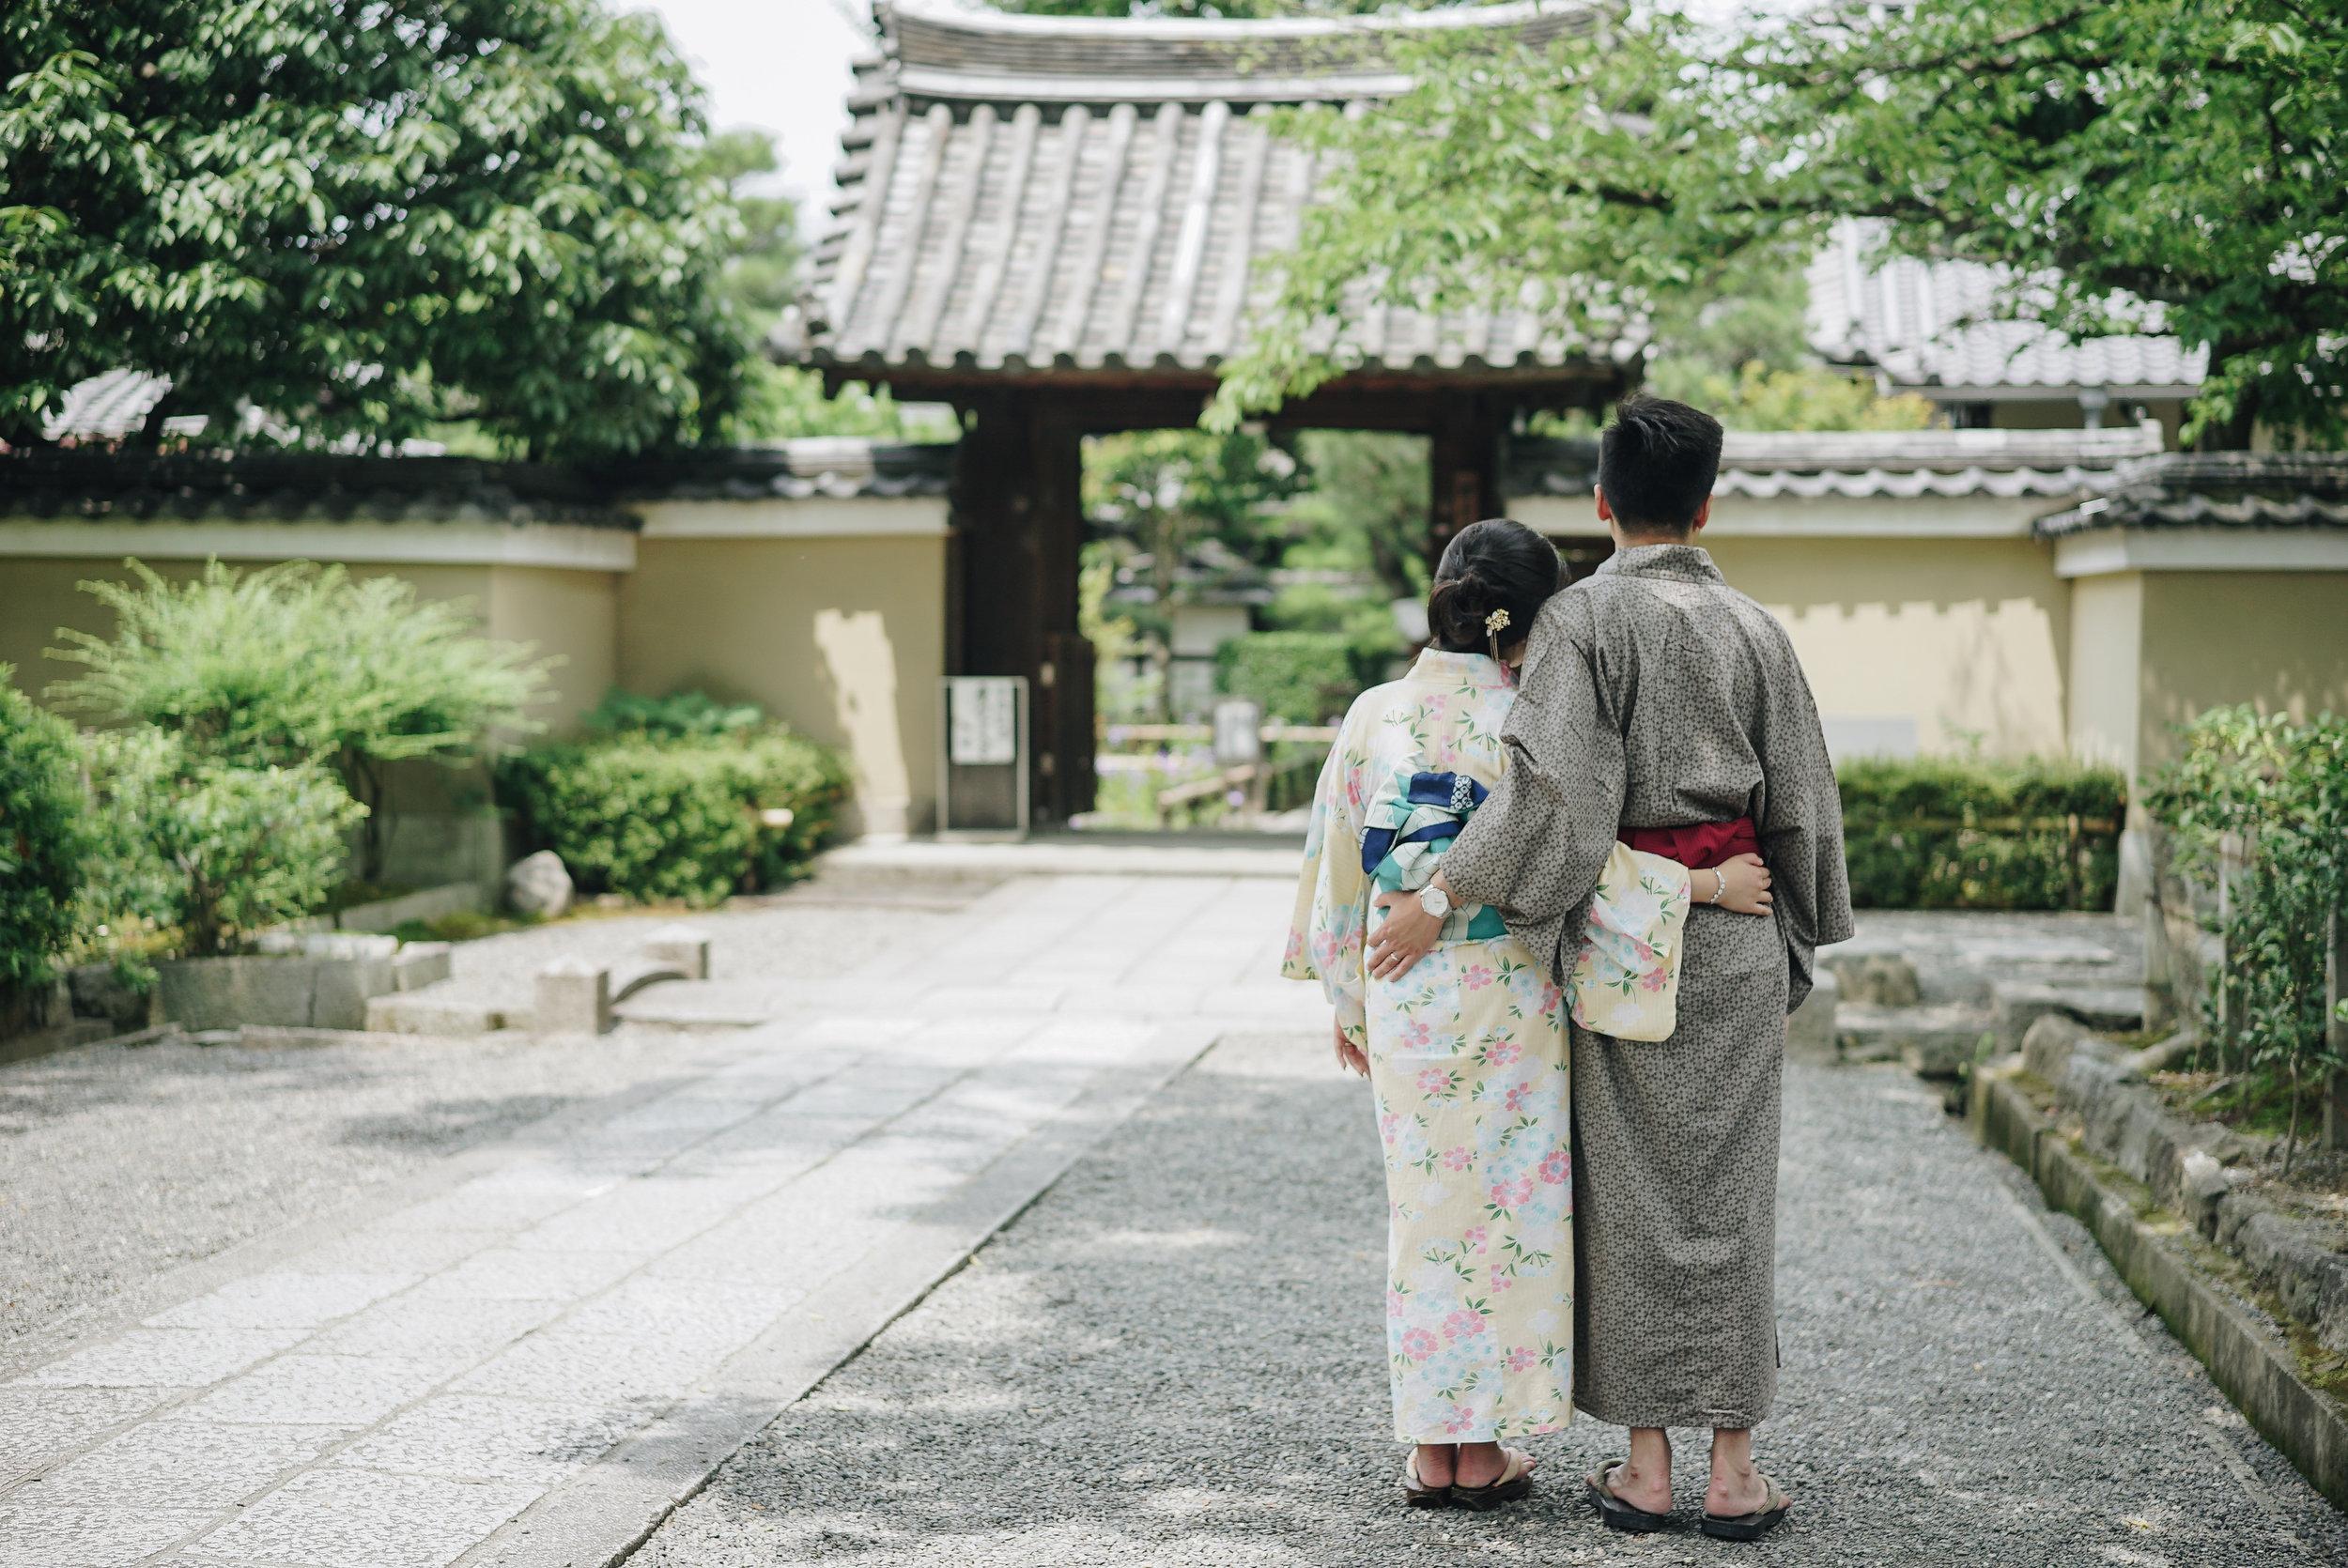 michelle_sanchie-kyoto-s1_23.jpg